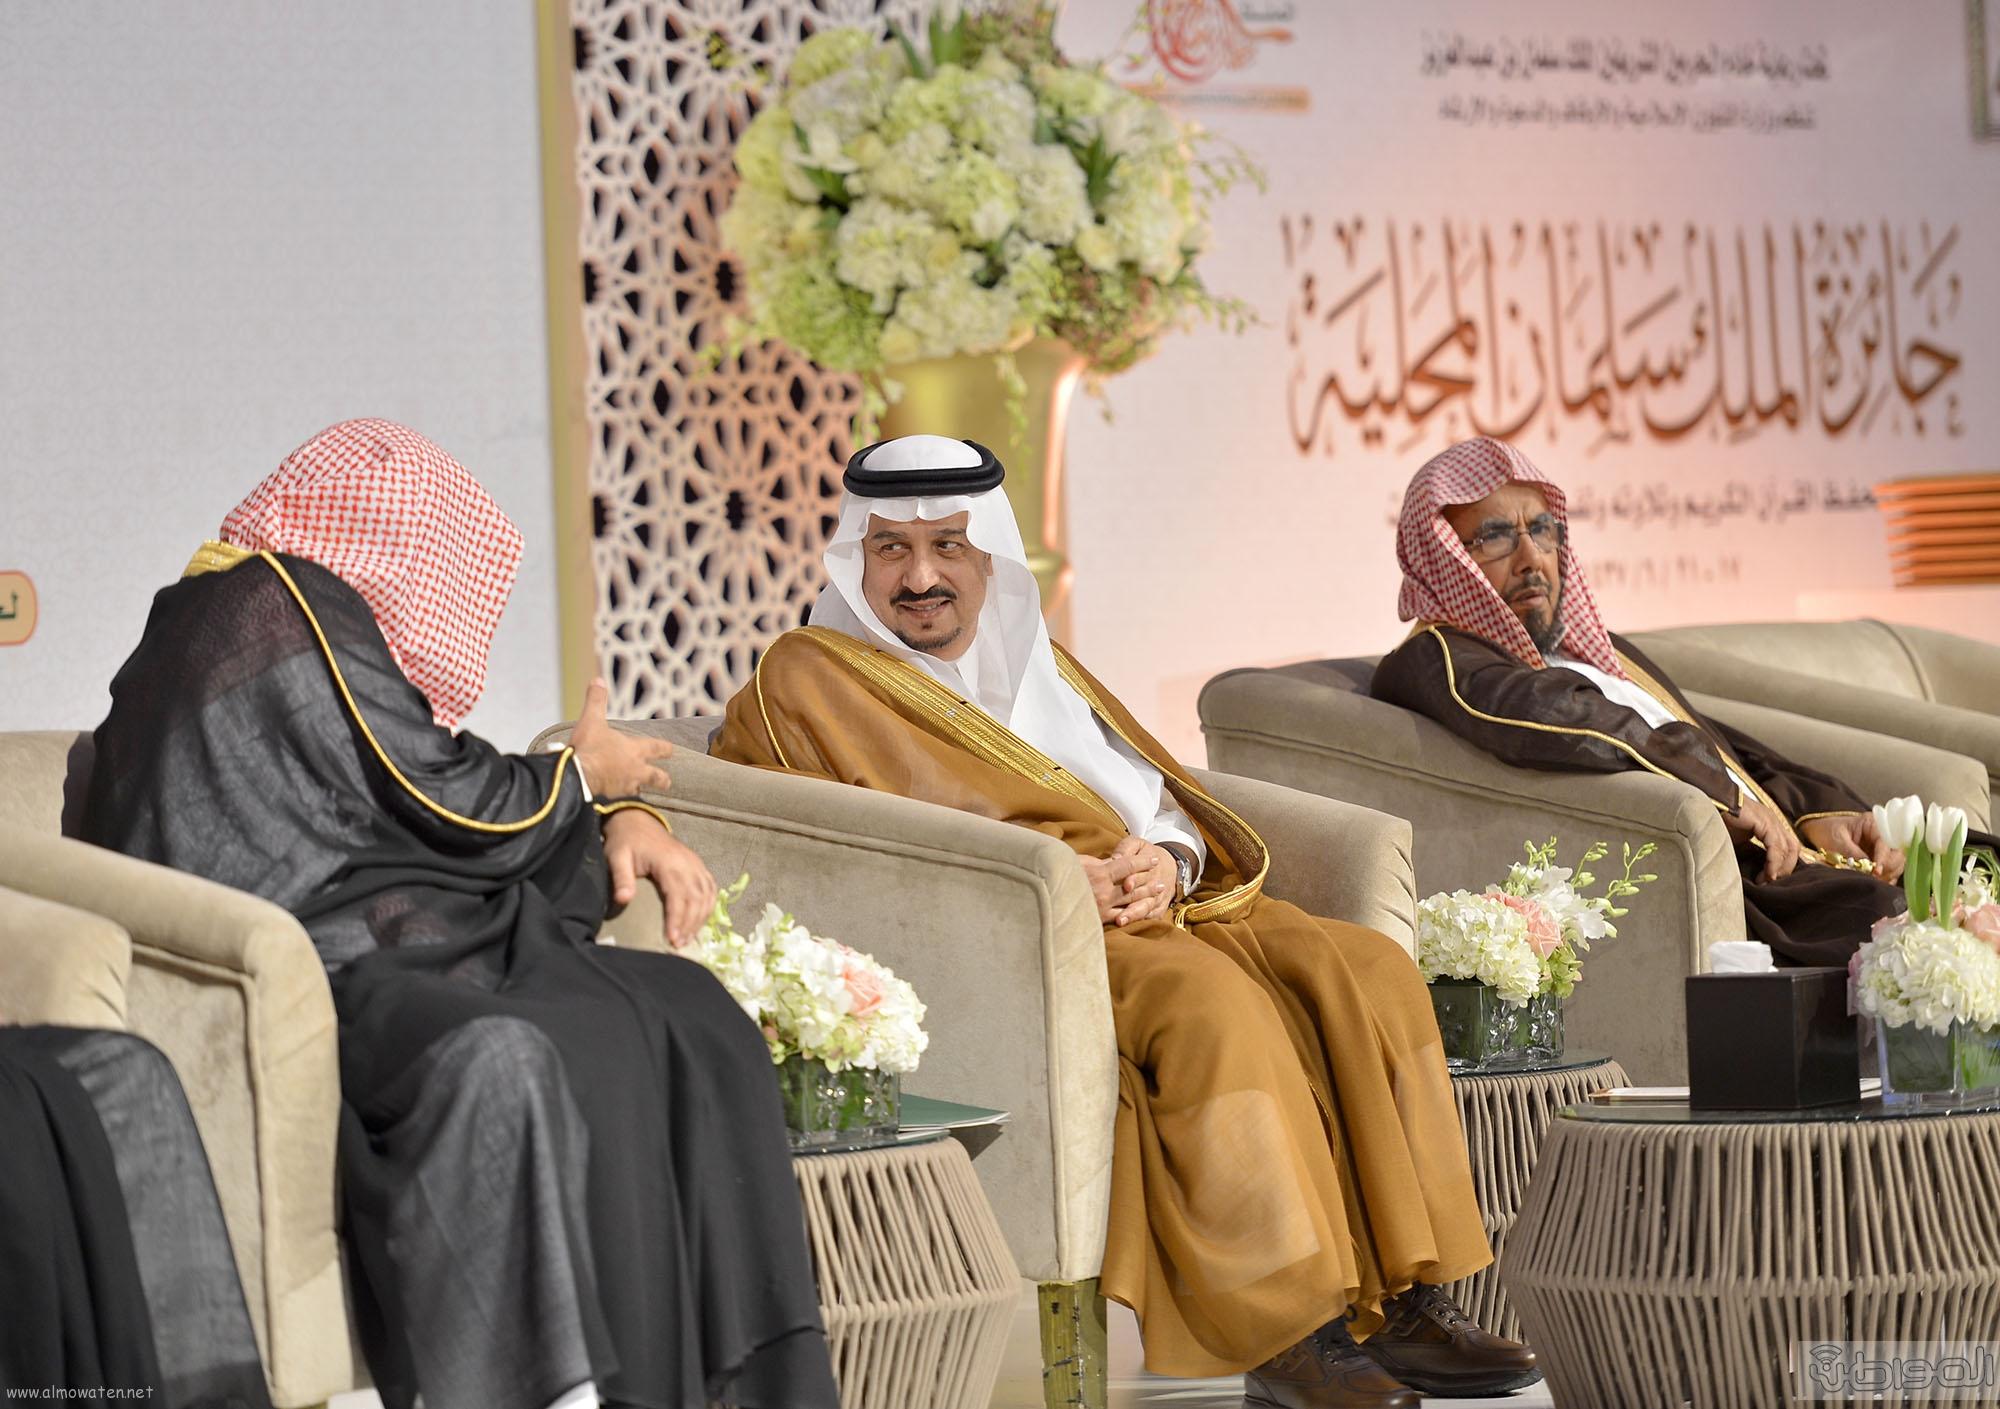 امير منطقة الرياض يرعى حفل اختتام مسابقة جائزة الملك سلمان لحفظ القران الكريم (16)